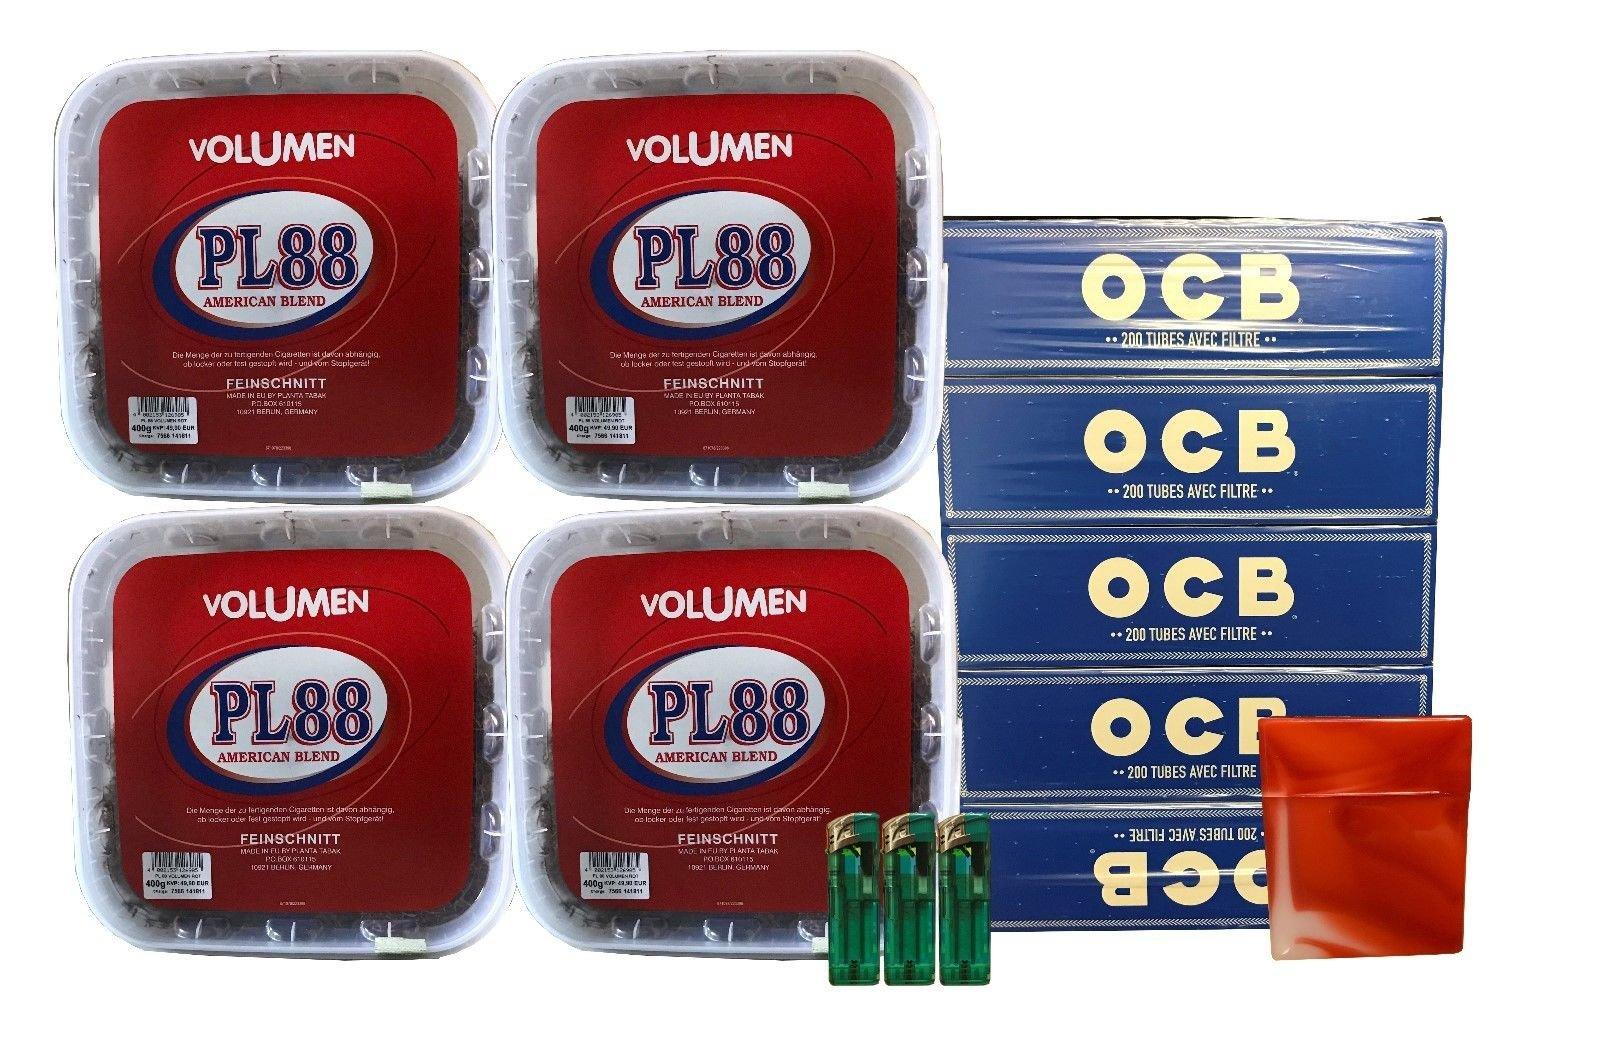 4x PL88 American Blend Tabak / Volumentabak 400g Eimer, OCB Hülsen + Zubehör